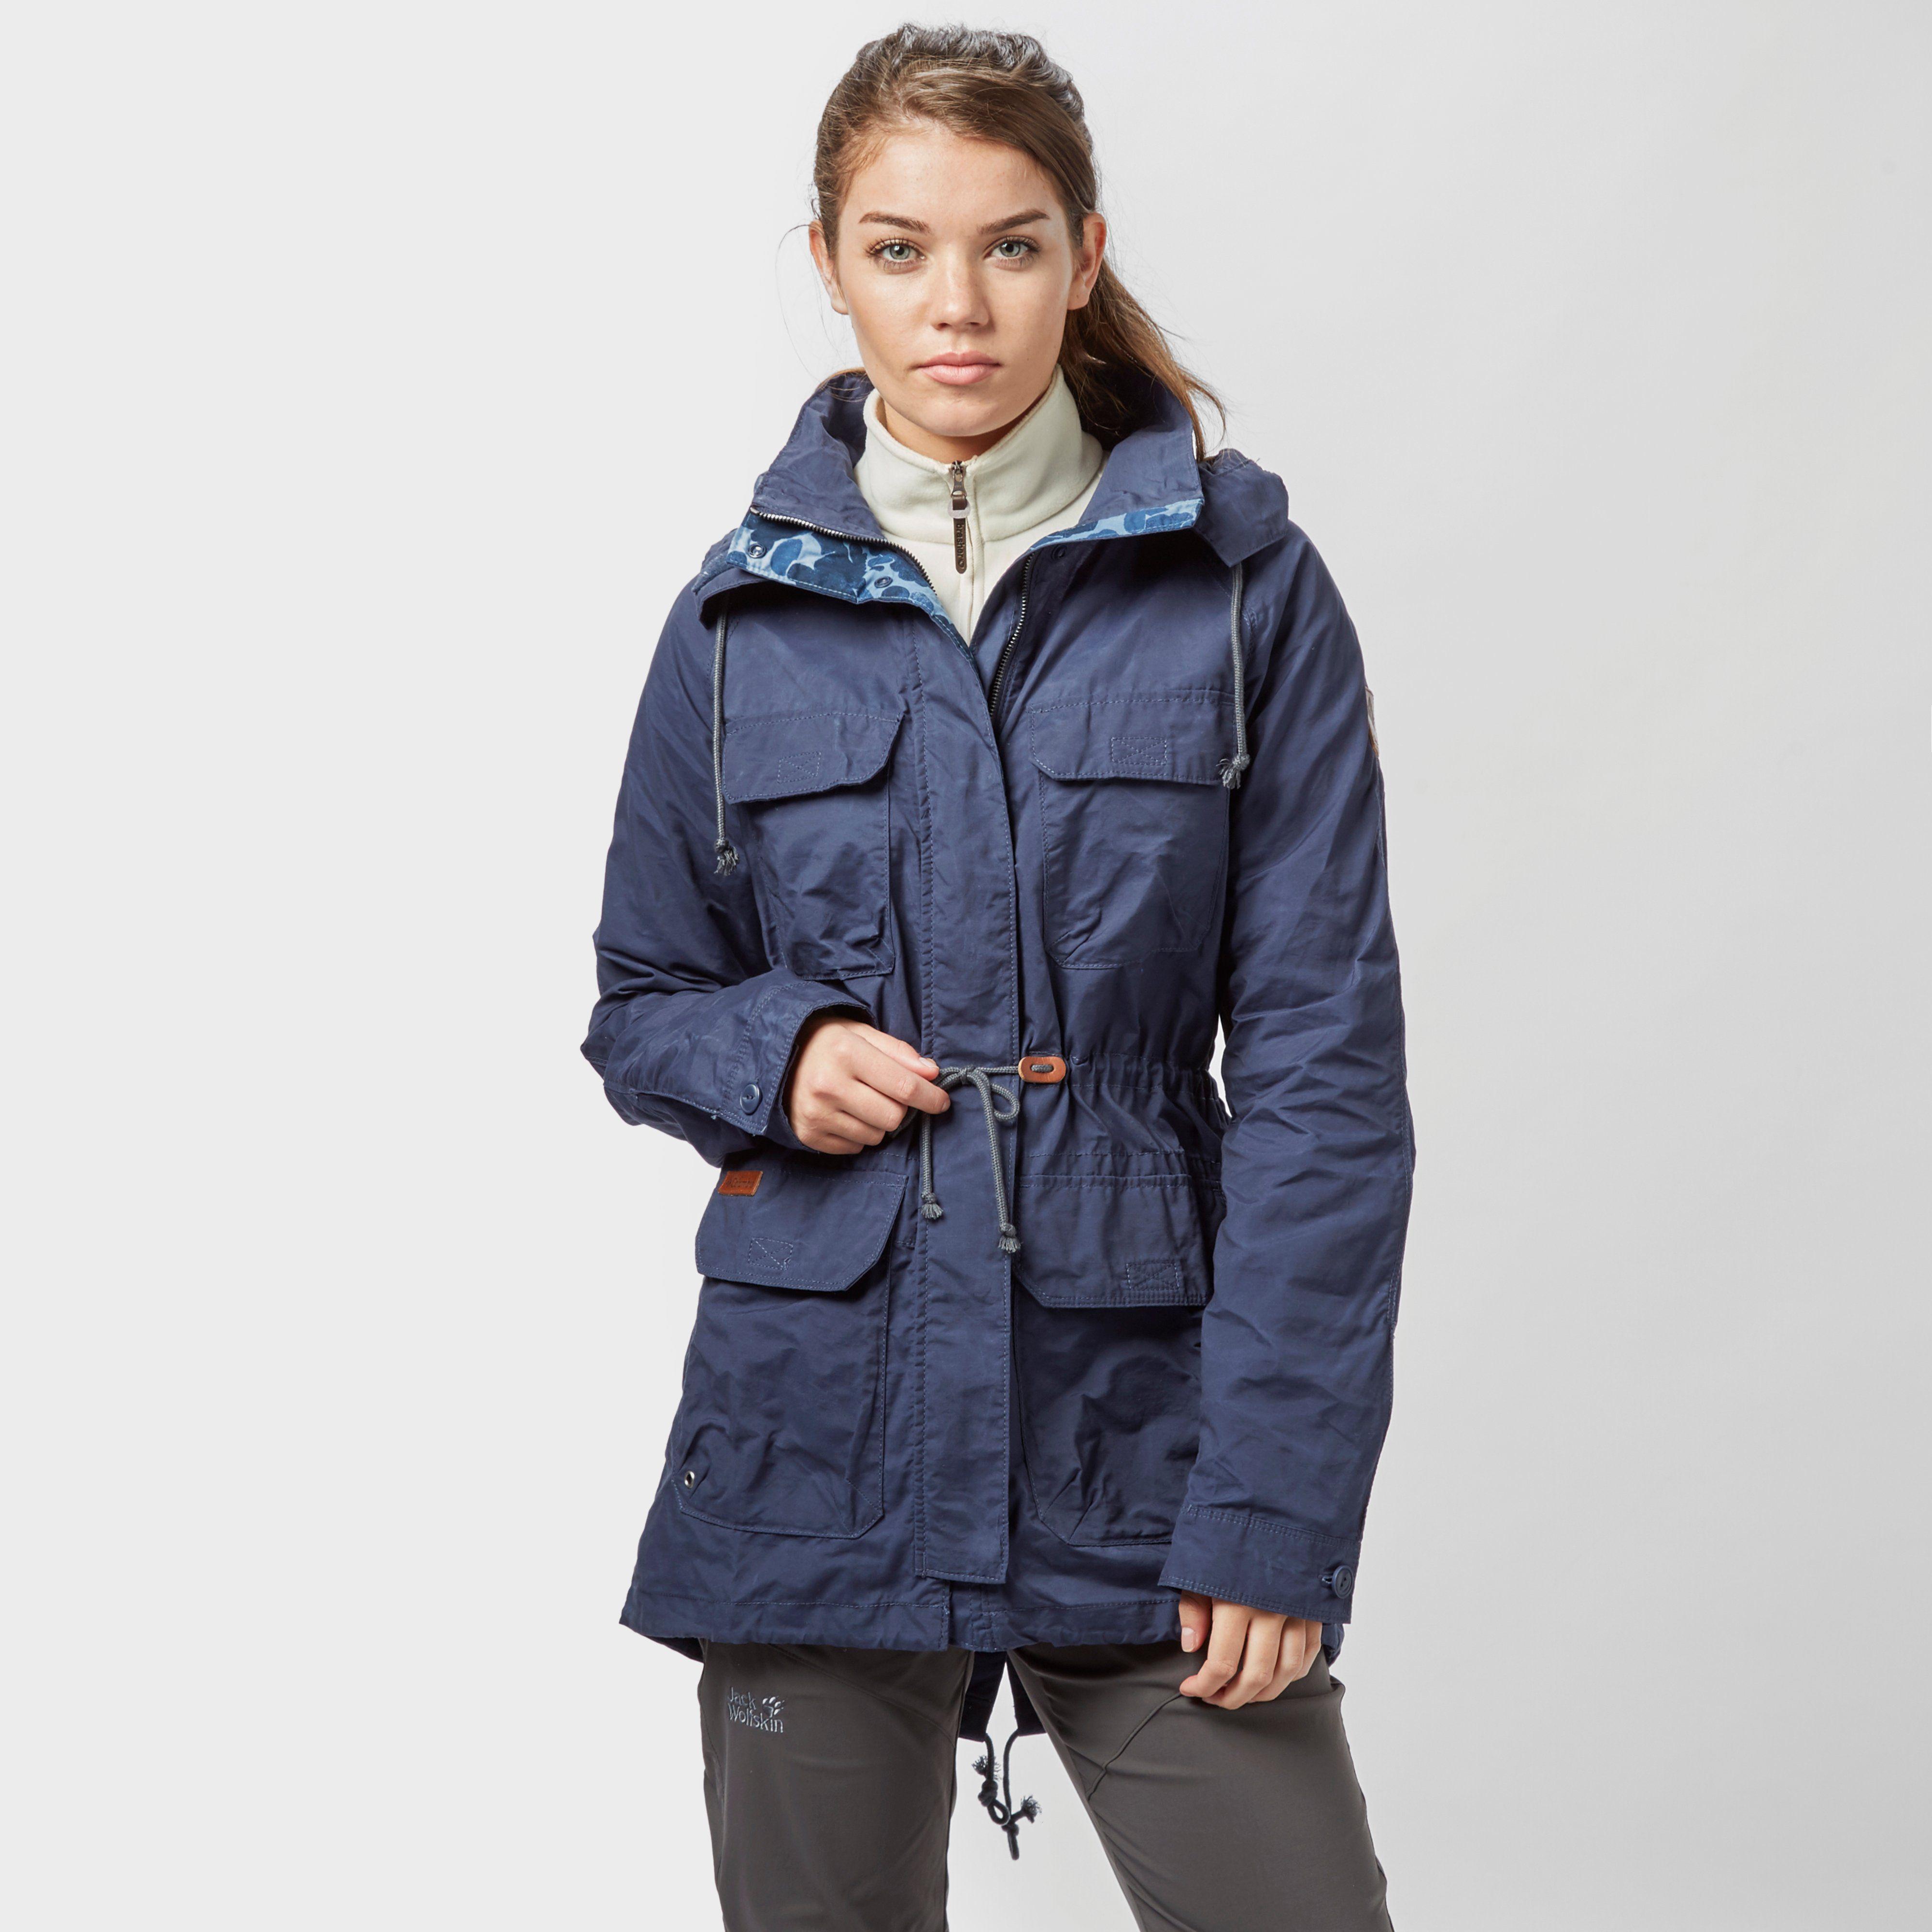 COLUMBIA Women's Tillicum Bridge™ Long Jacket